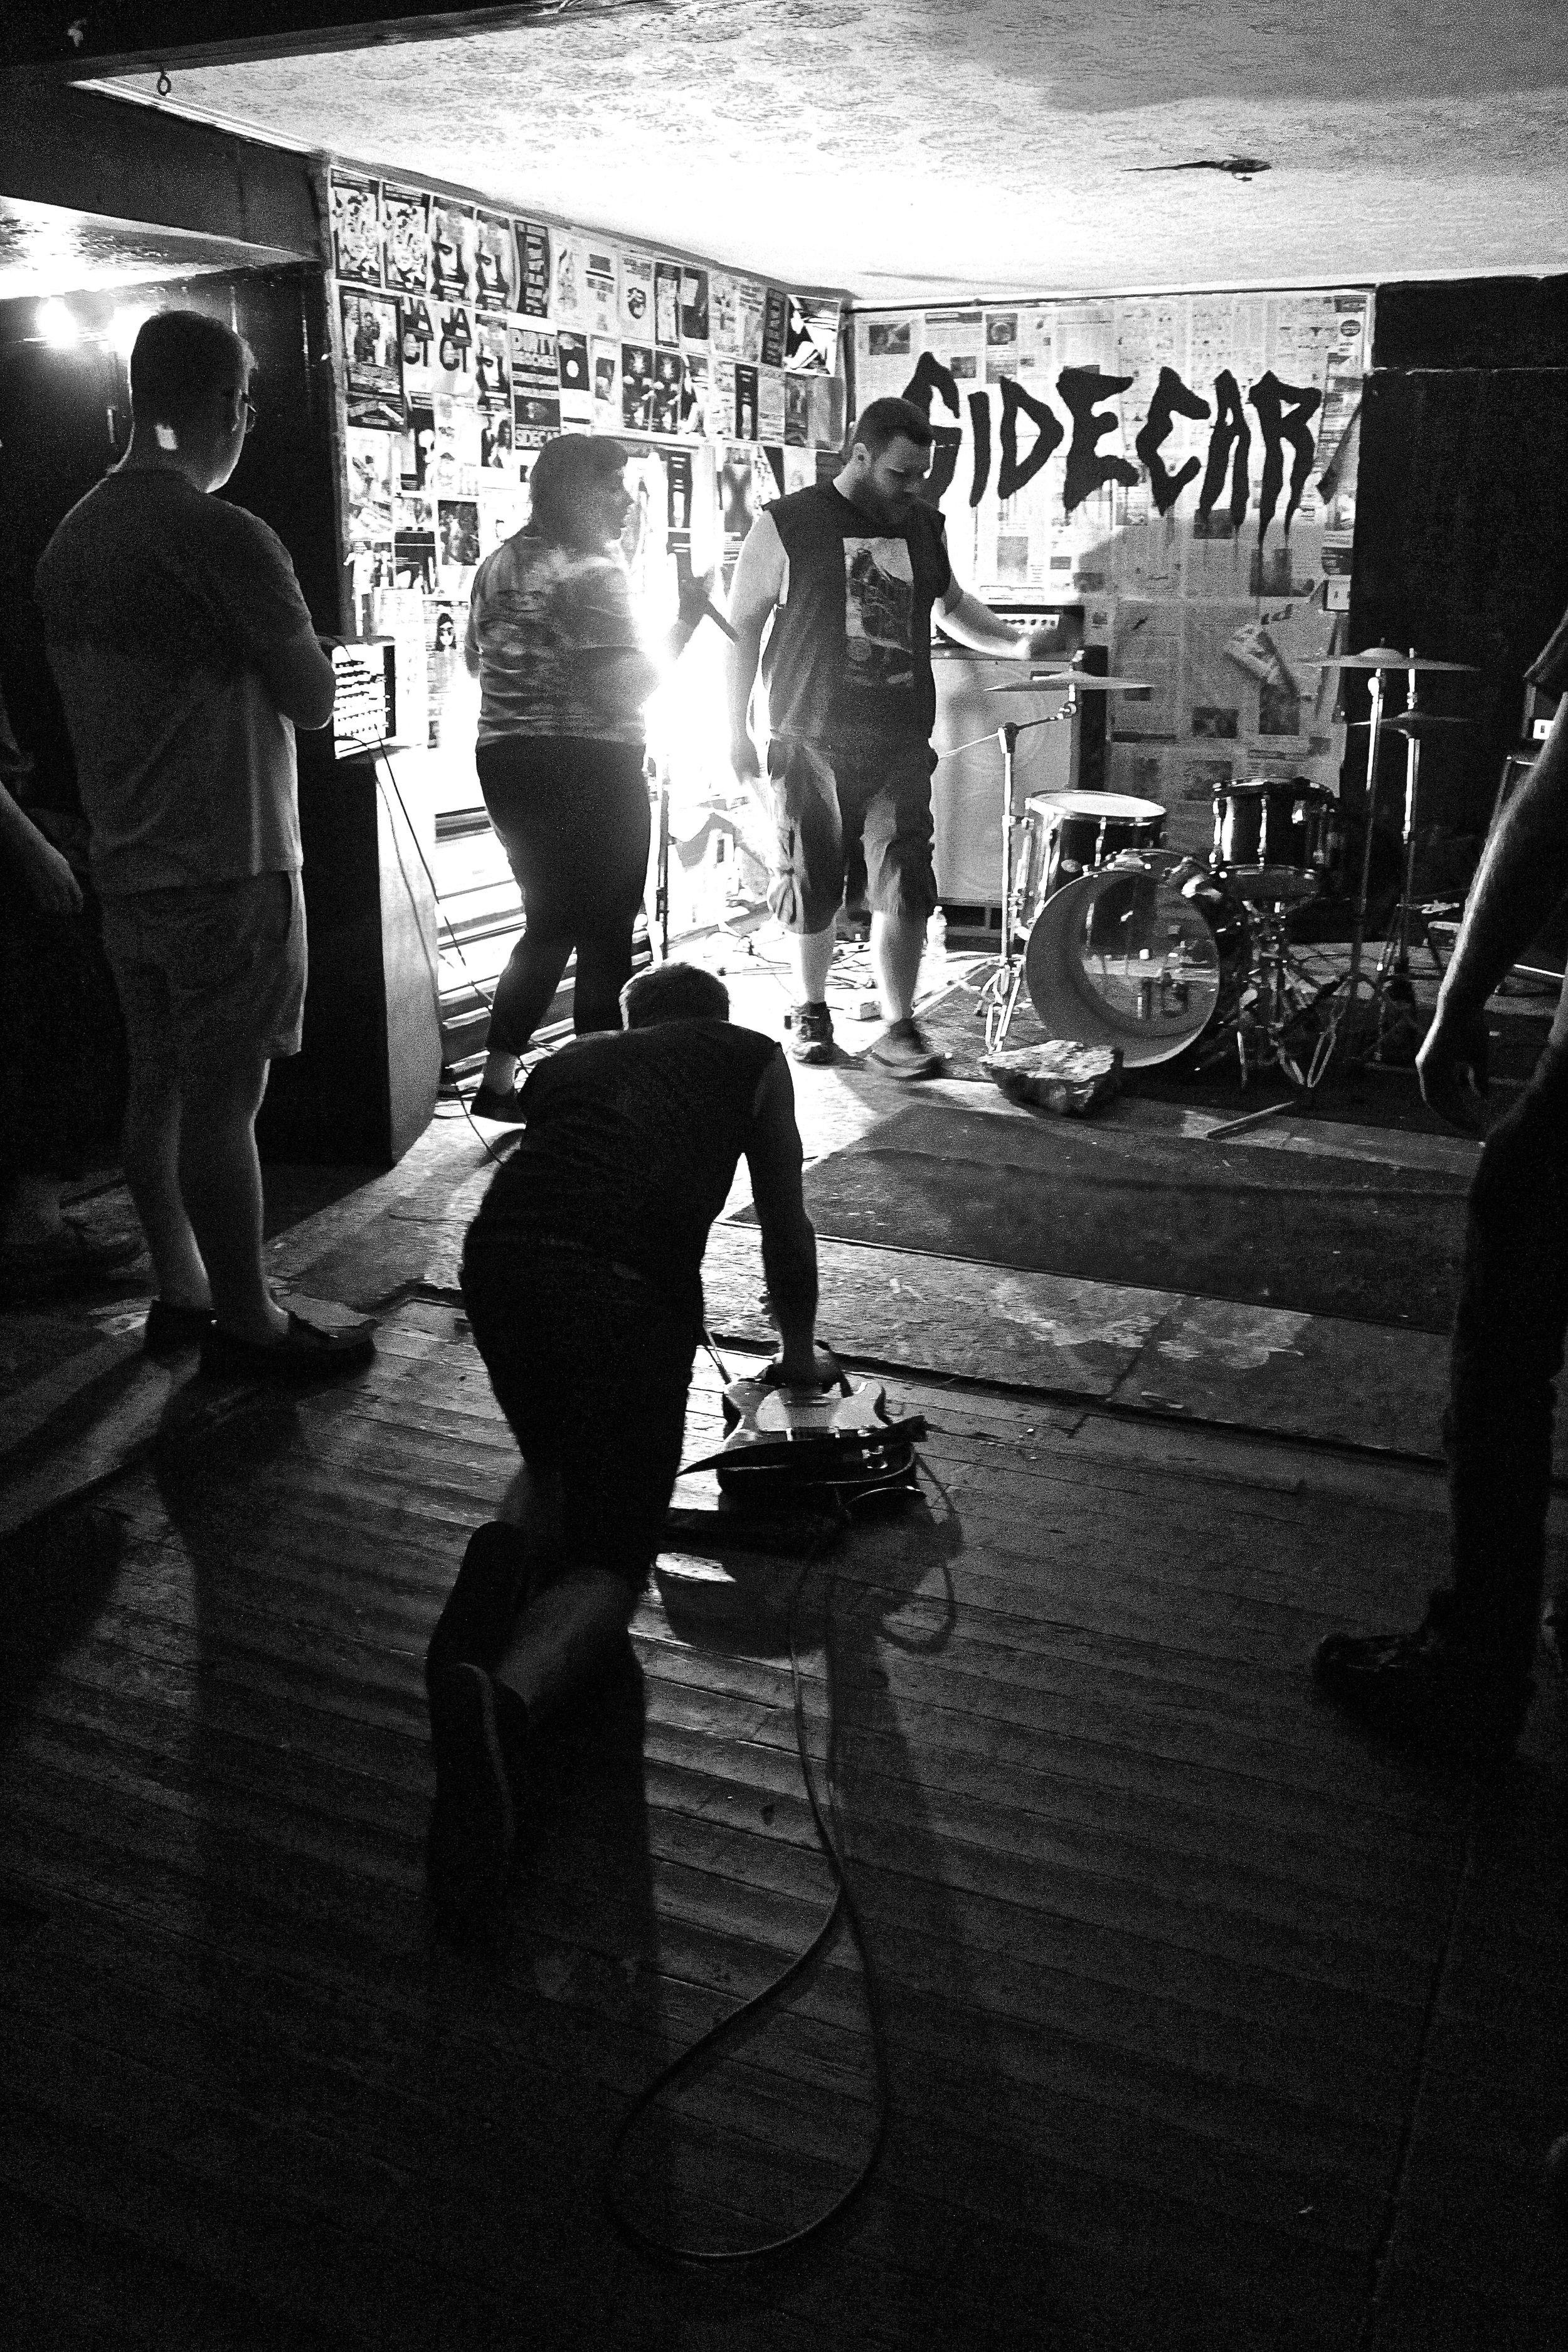 Al's Sidecar, Lexington, KY. 2013.